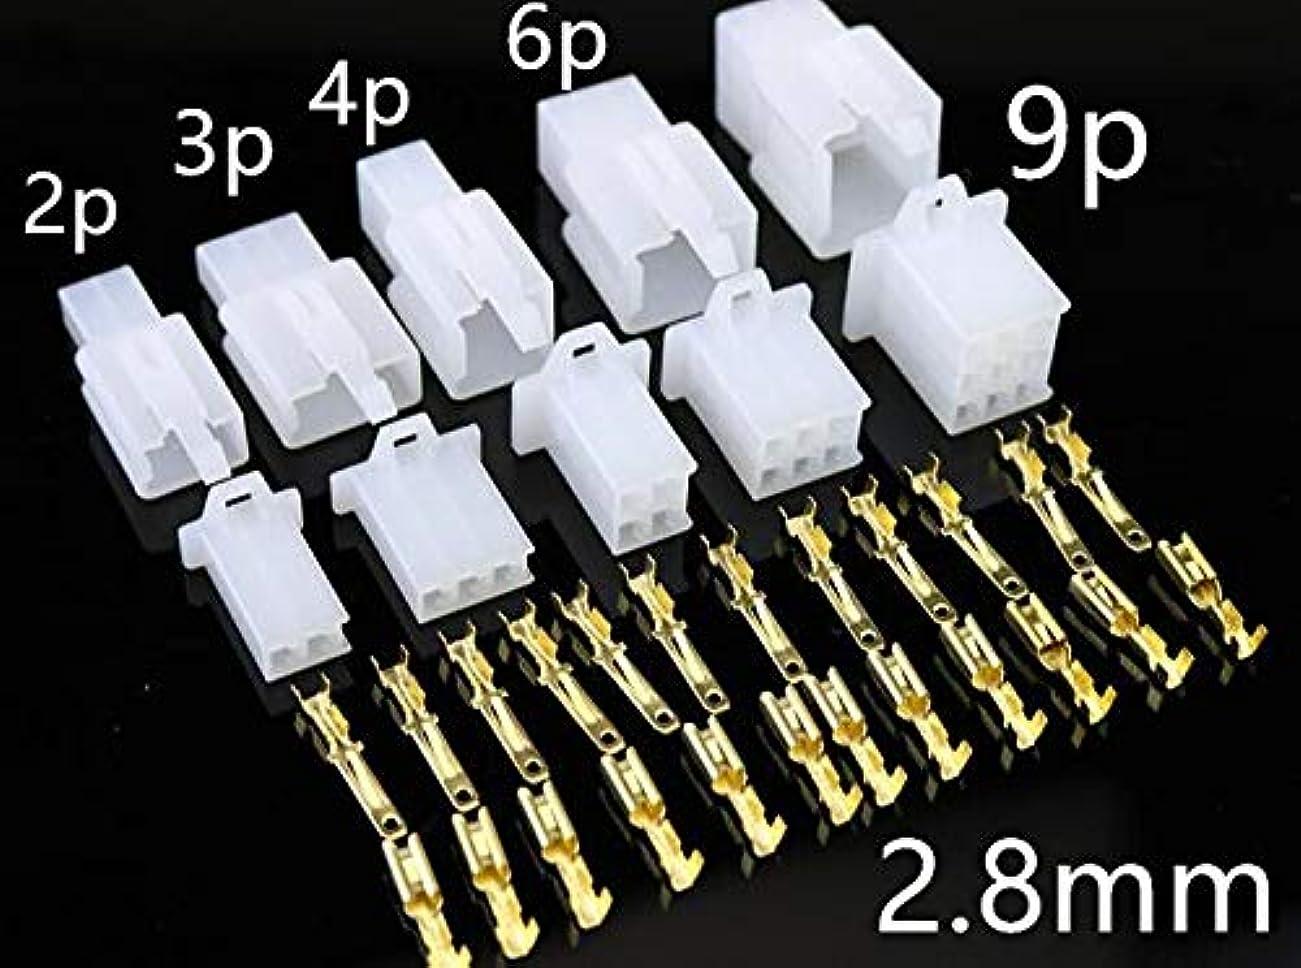 第二東ティモール肘掛け椅子熱収縮コネクタキット 2.8ミリメートル2 3 4 6 9ピン自動車2.8電線コネクタ男性女性ケーブル端子プラグキット (Pins : 6P)